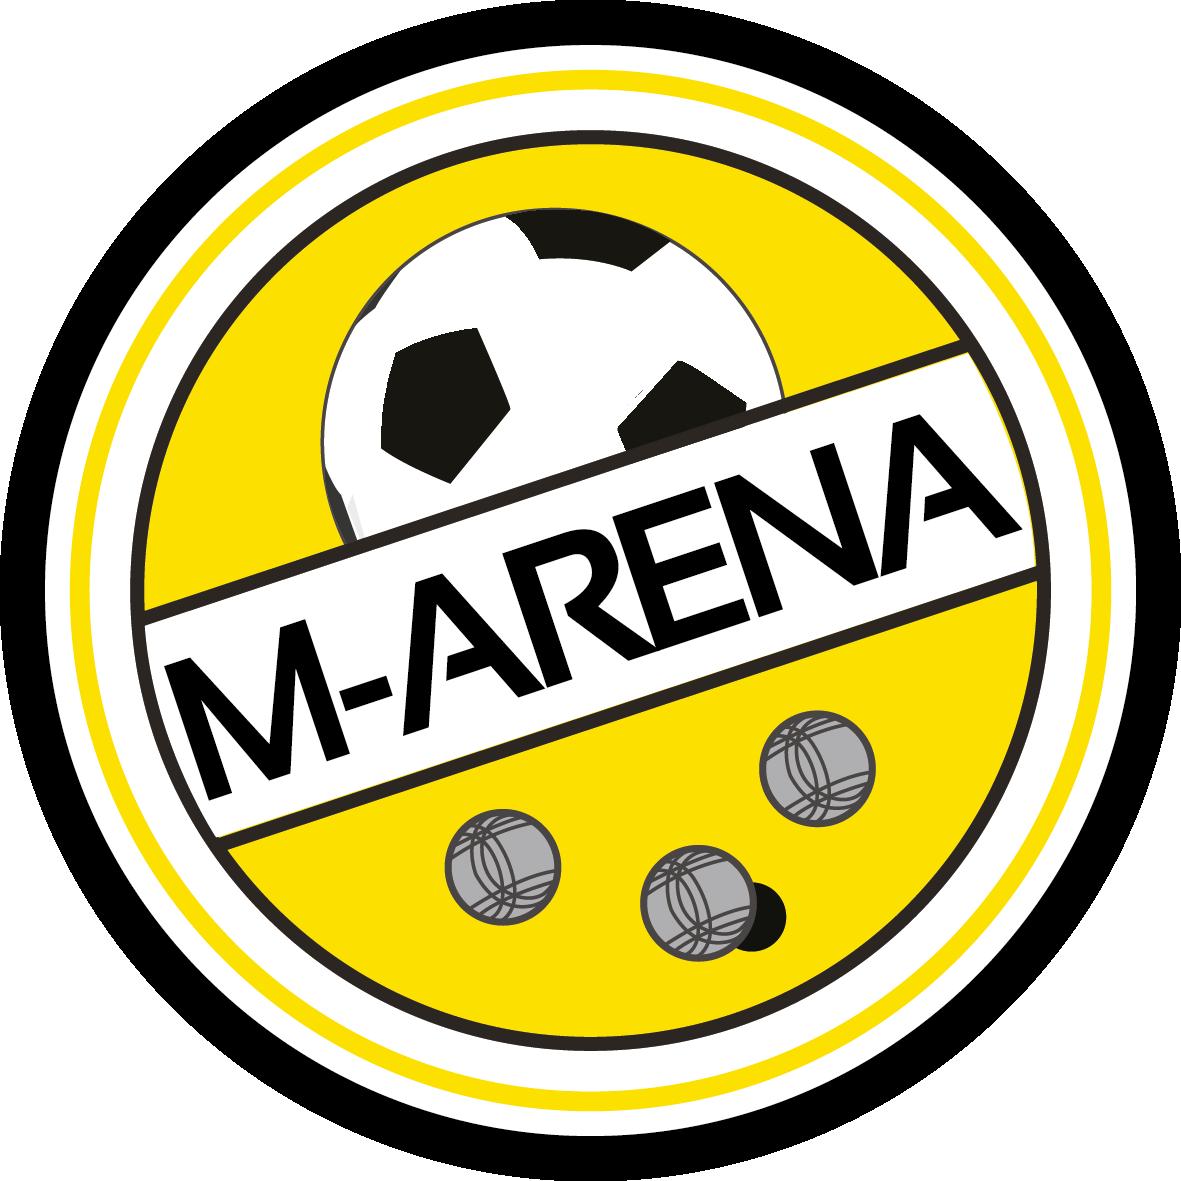 M-ARENA